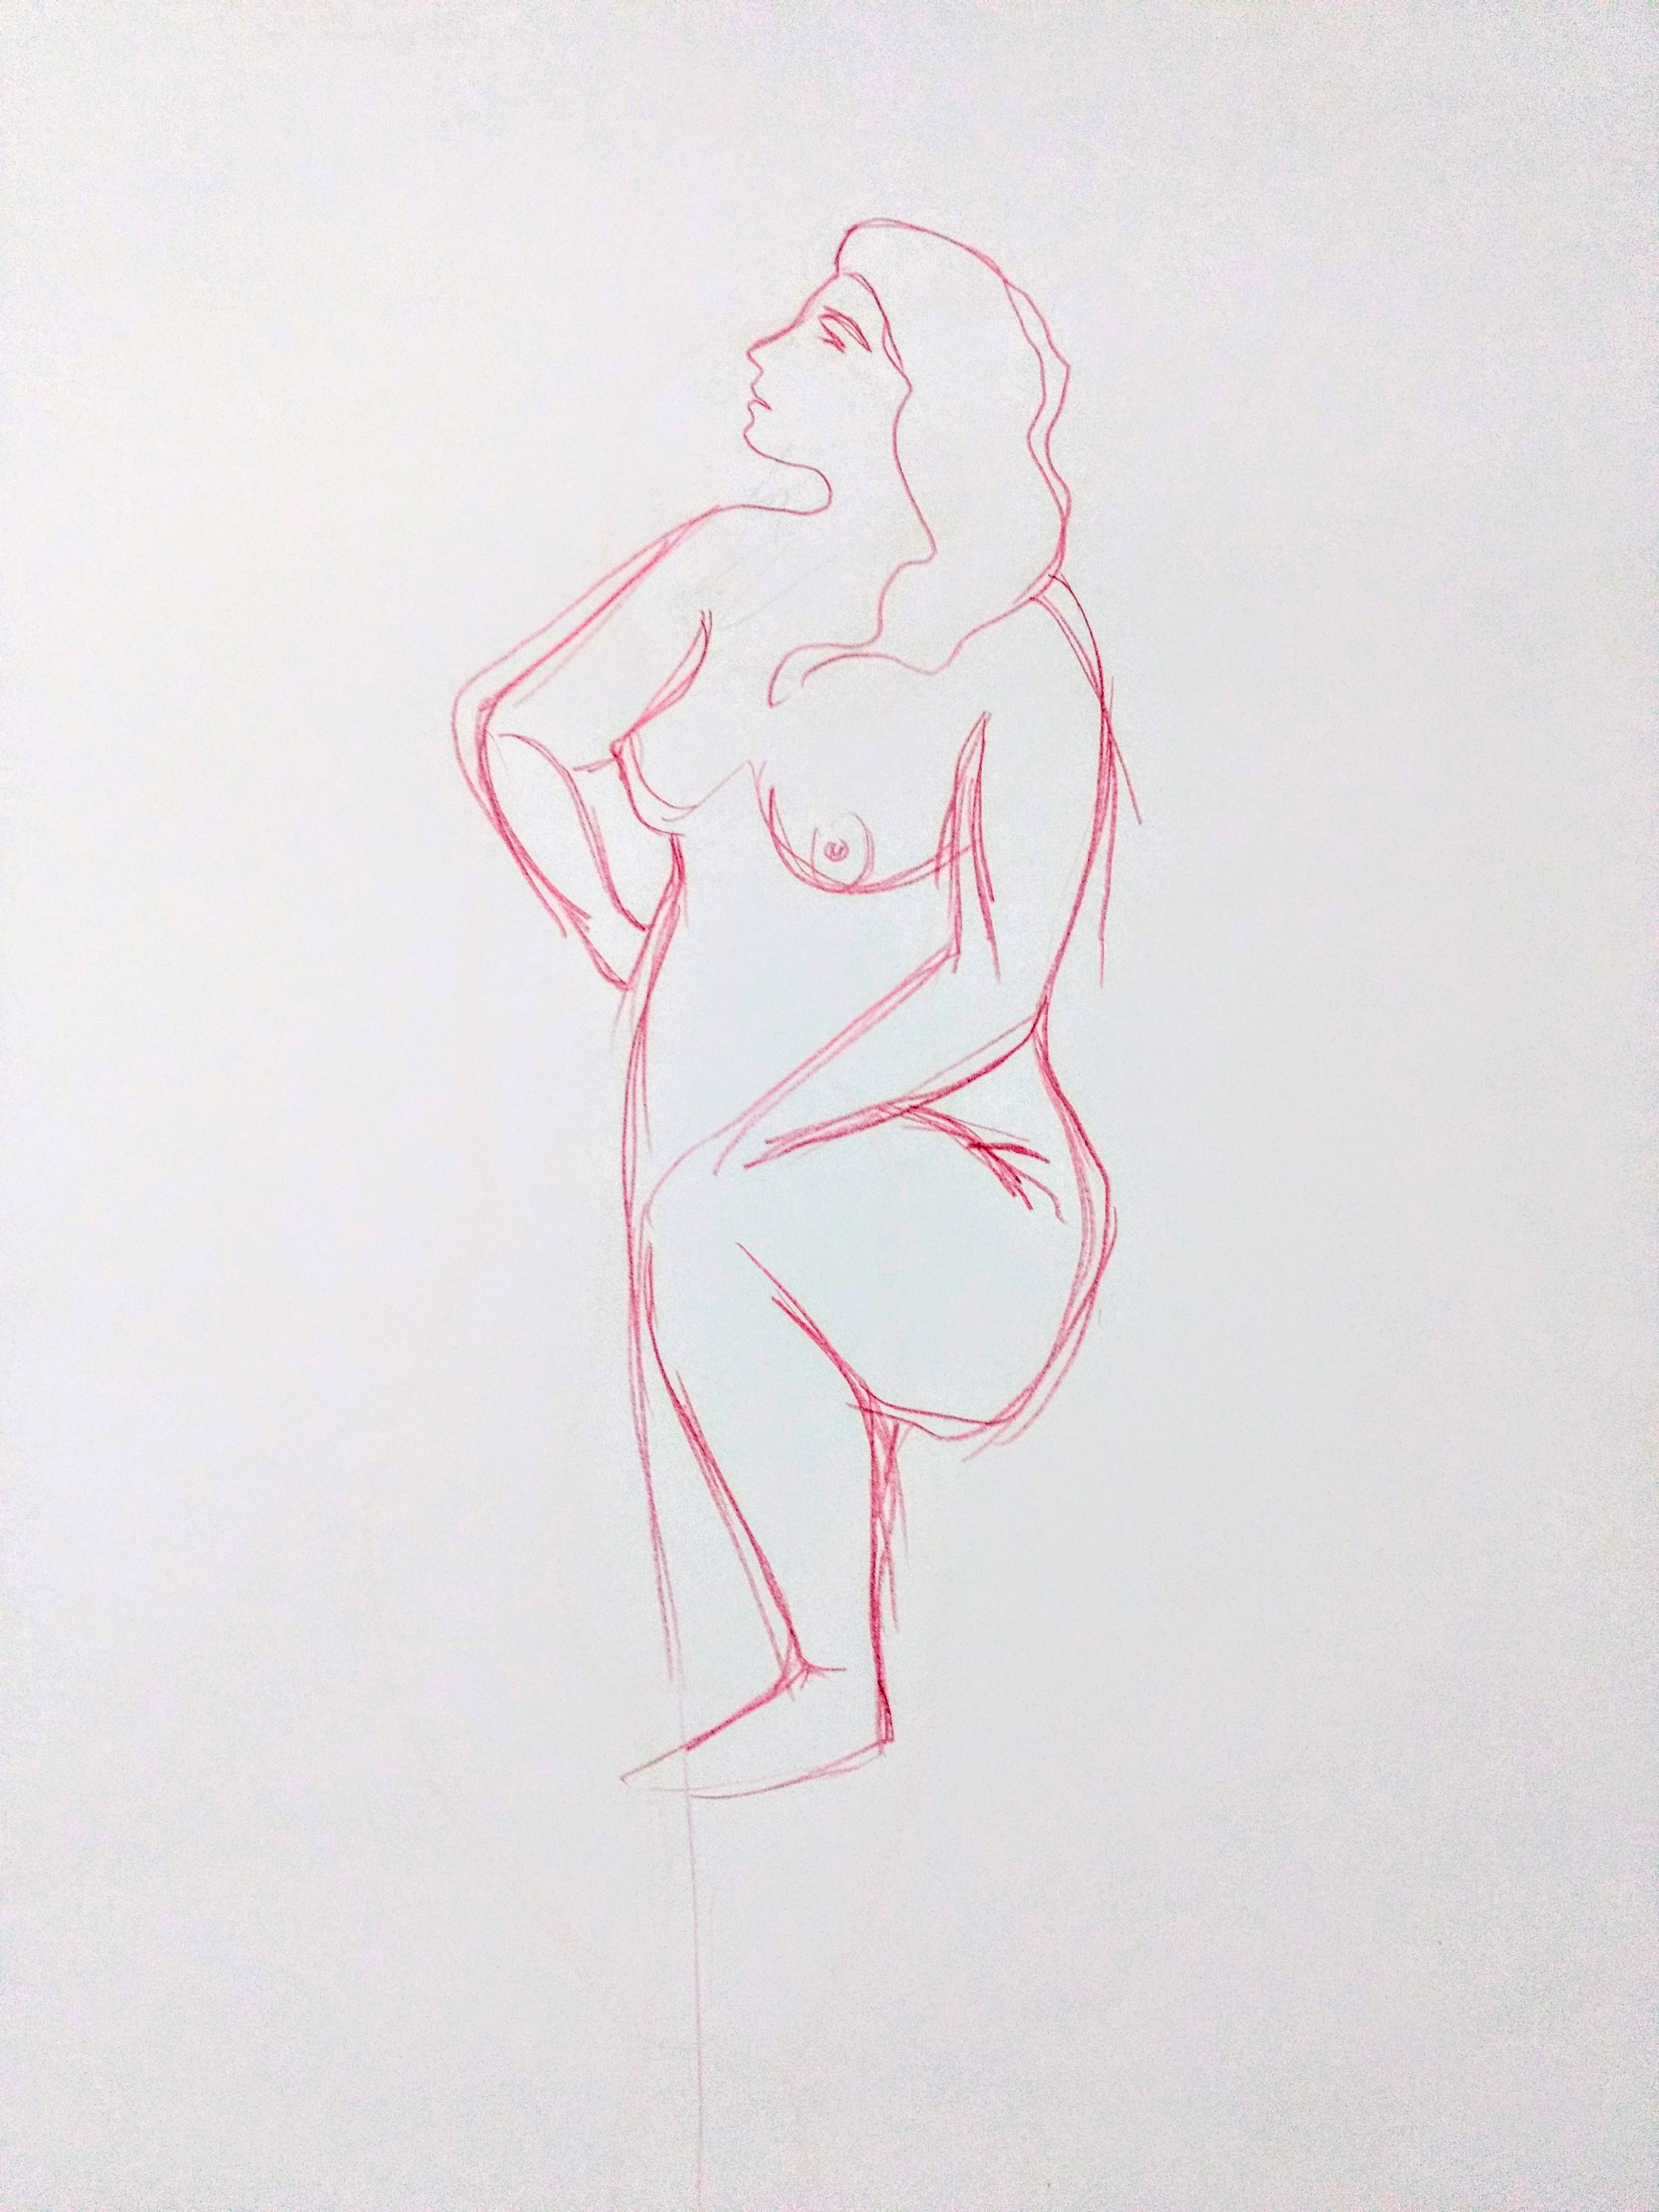 Desenho de modelo feminino nu, à lápis de cor, realizado durante Prática de modelo vivo com Rafa Coutinho e Laerte no espaço Breu em 2017.